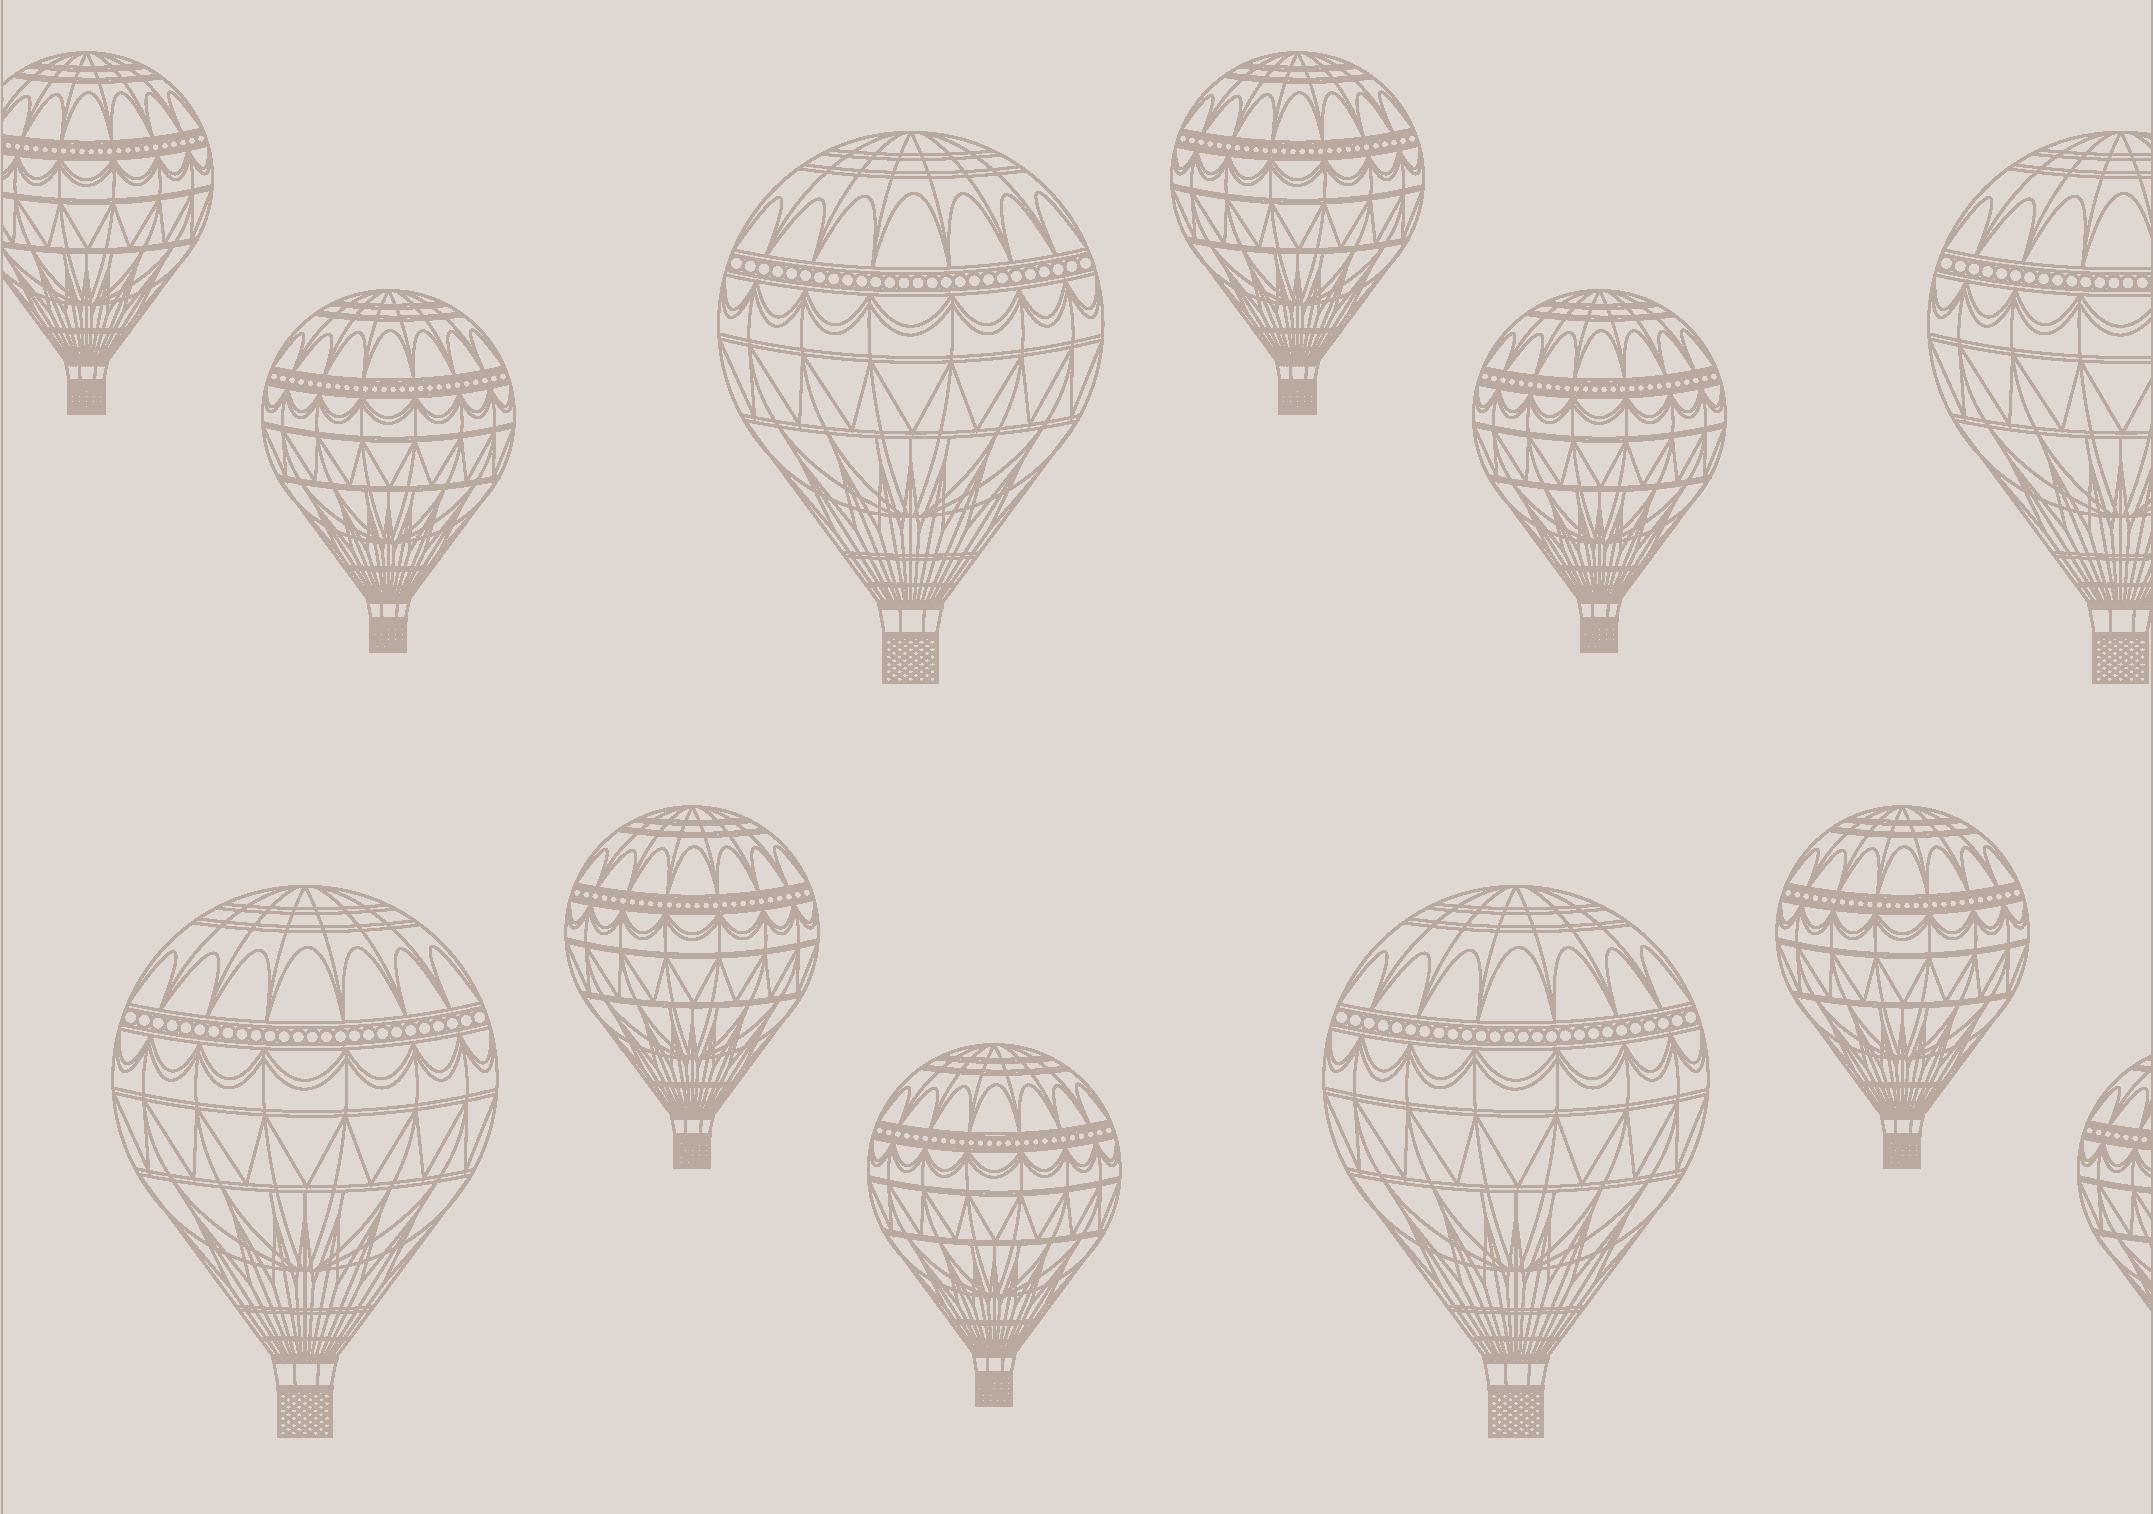 airballonpattern